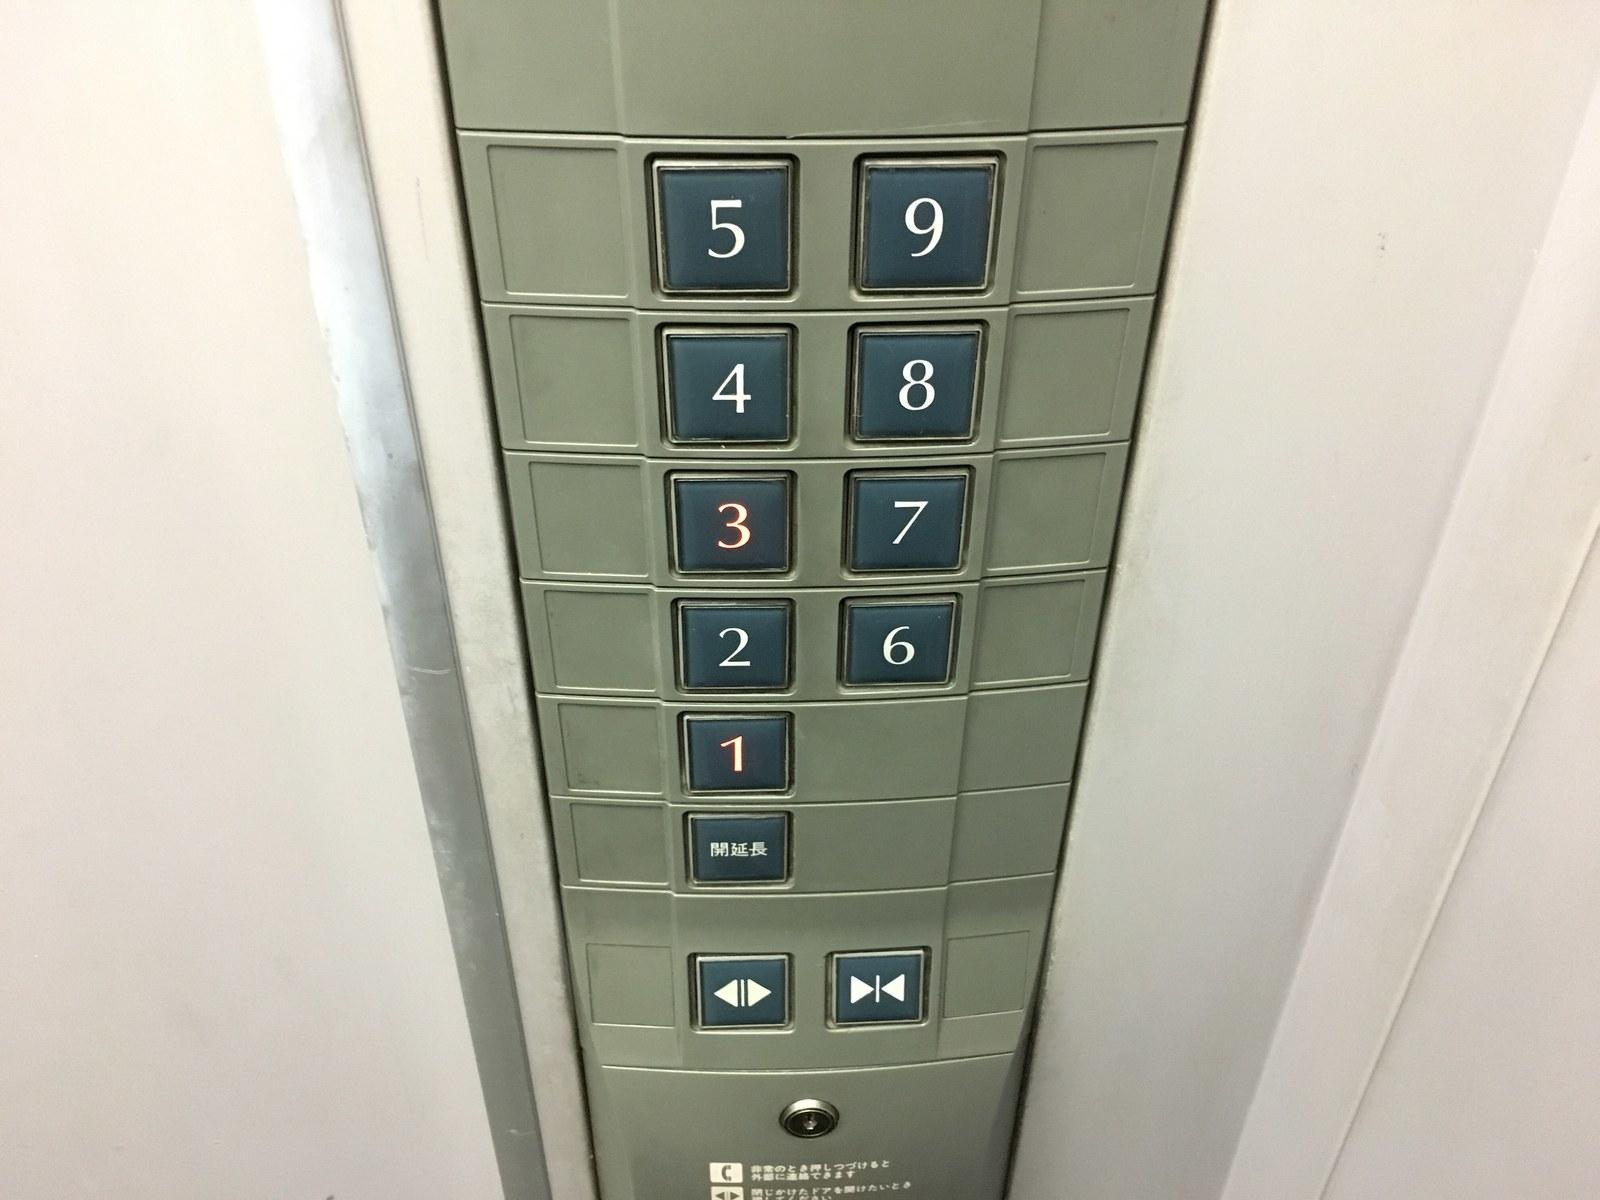 日立 エレベーター キャンセル